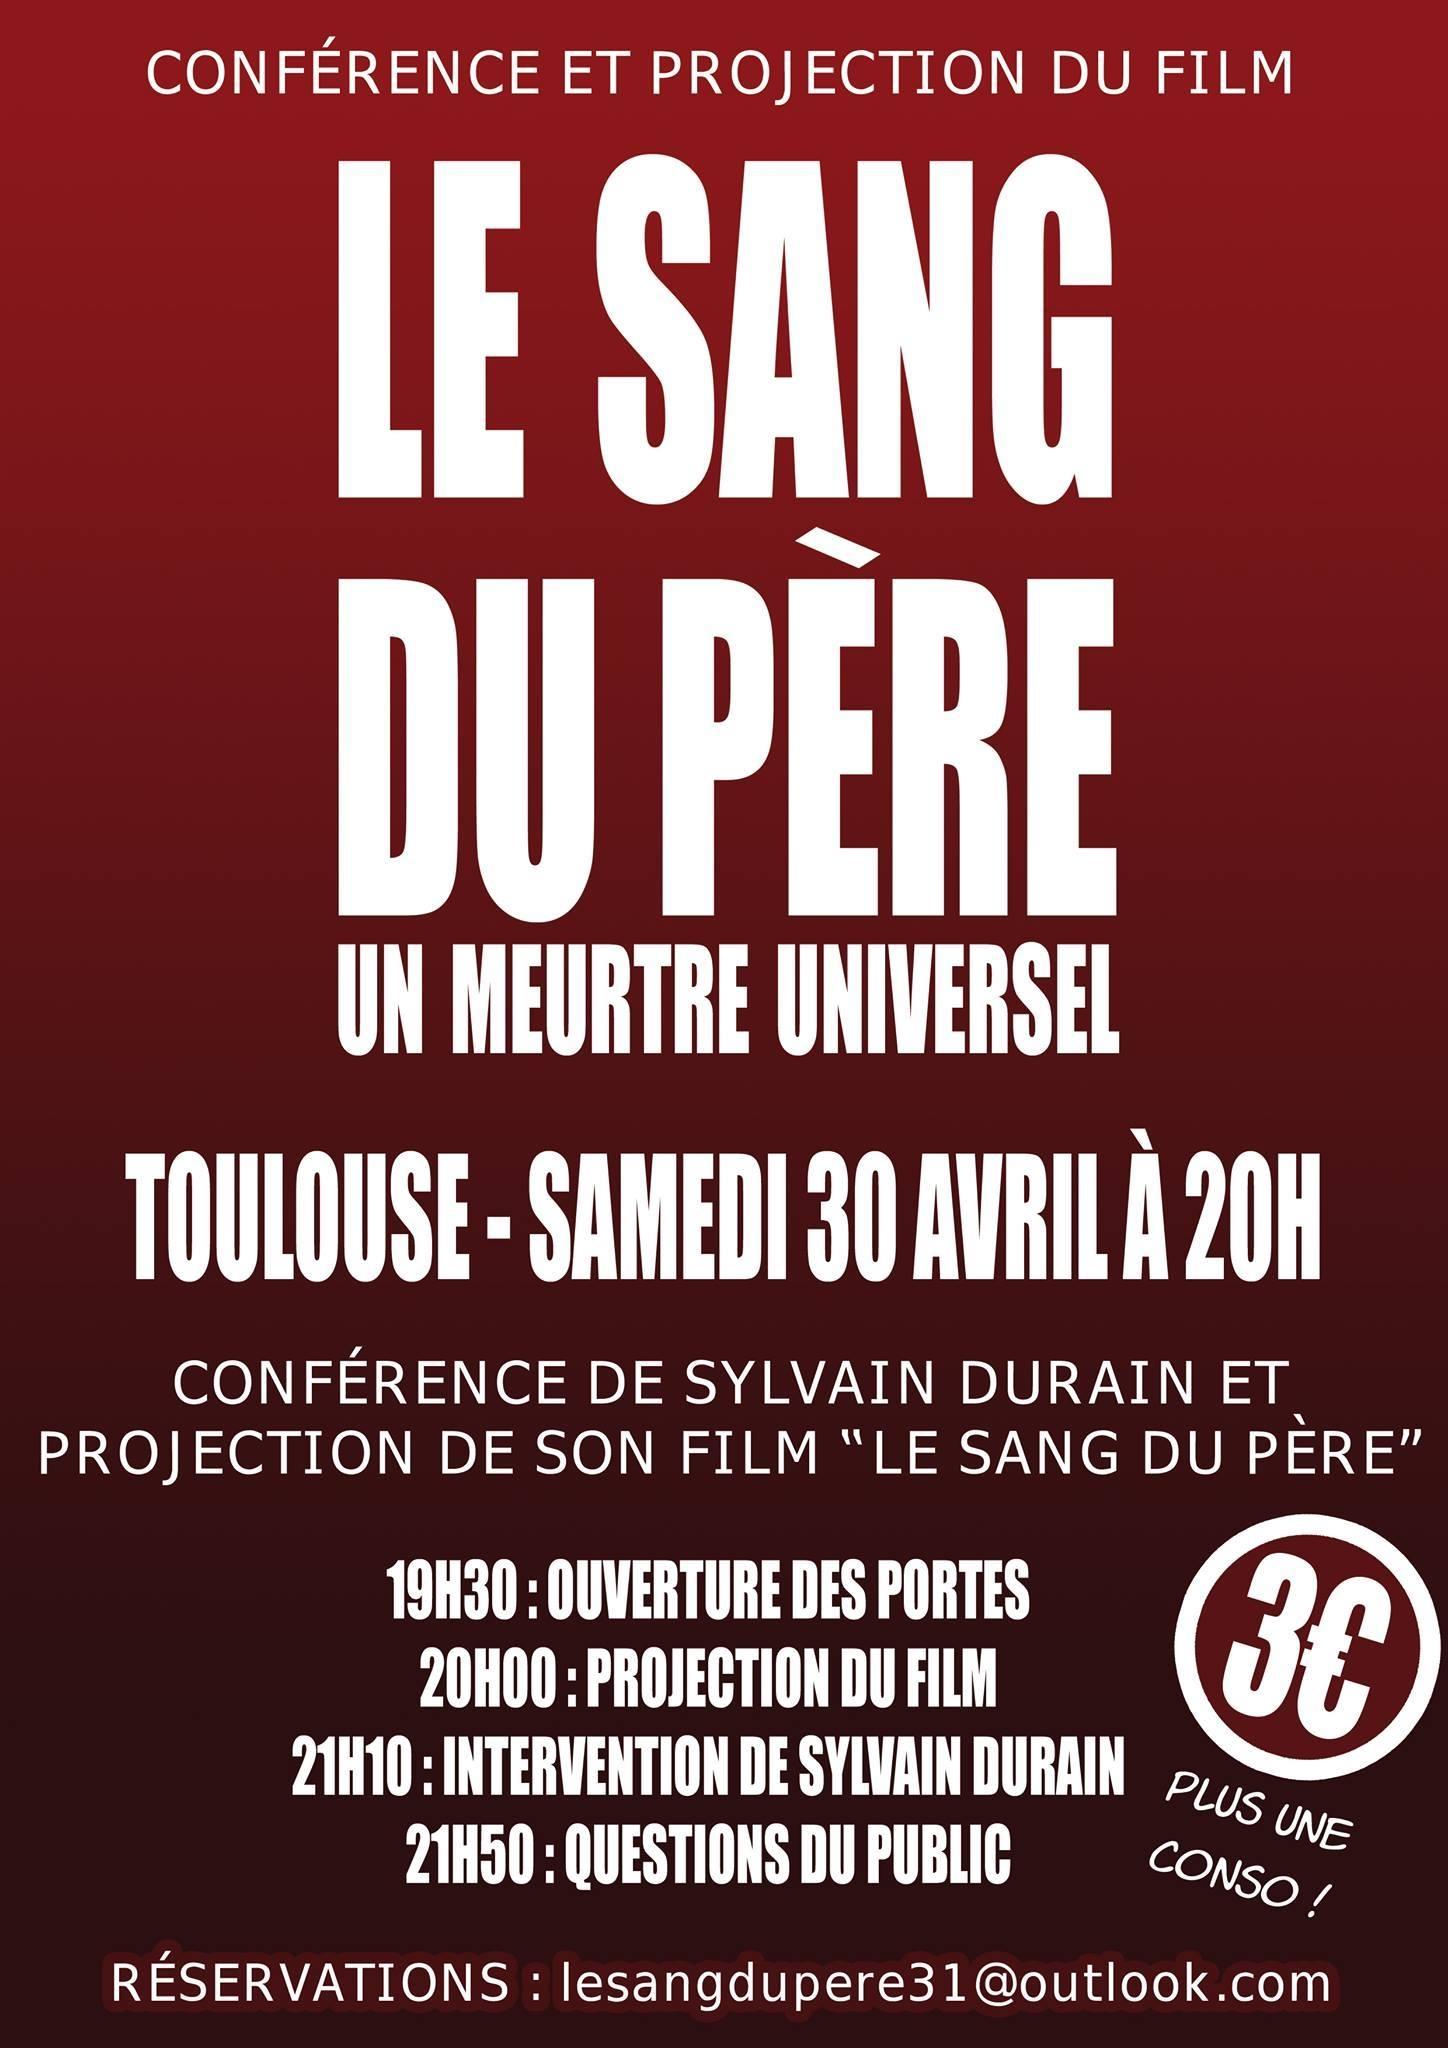 Conférence le 30 avril à Toulouse ANNULÉE